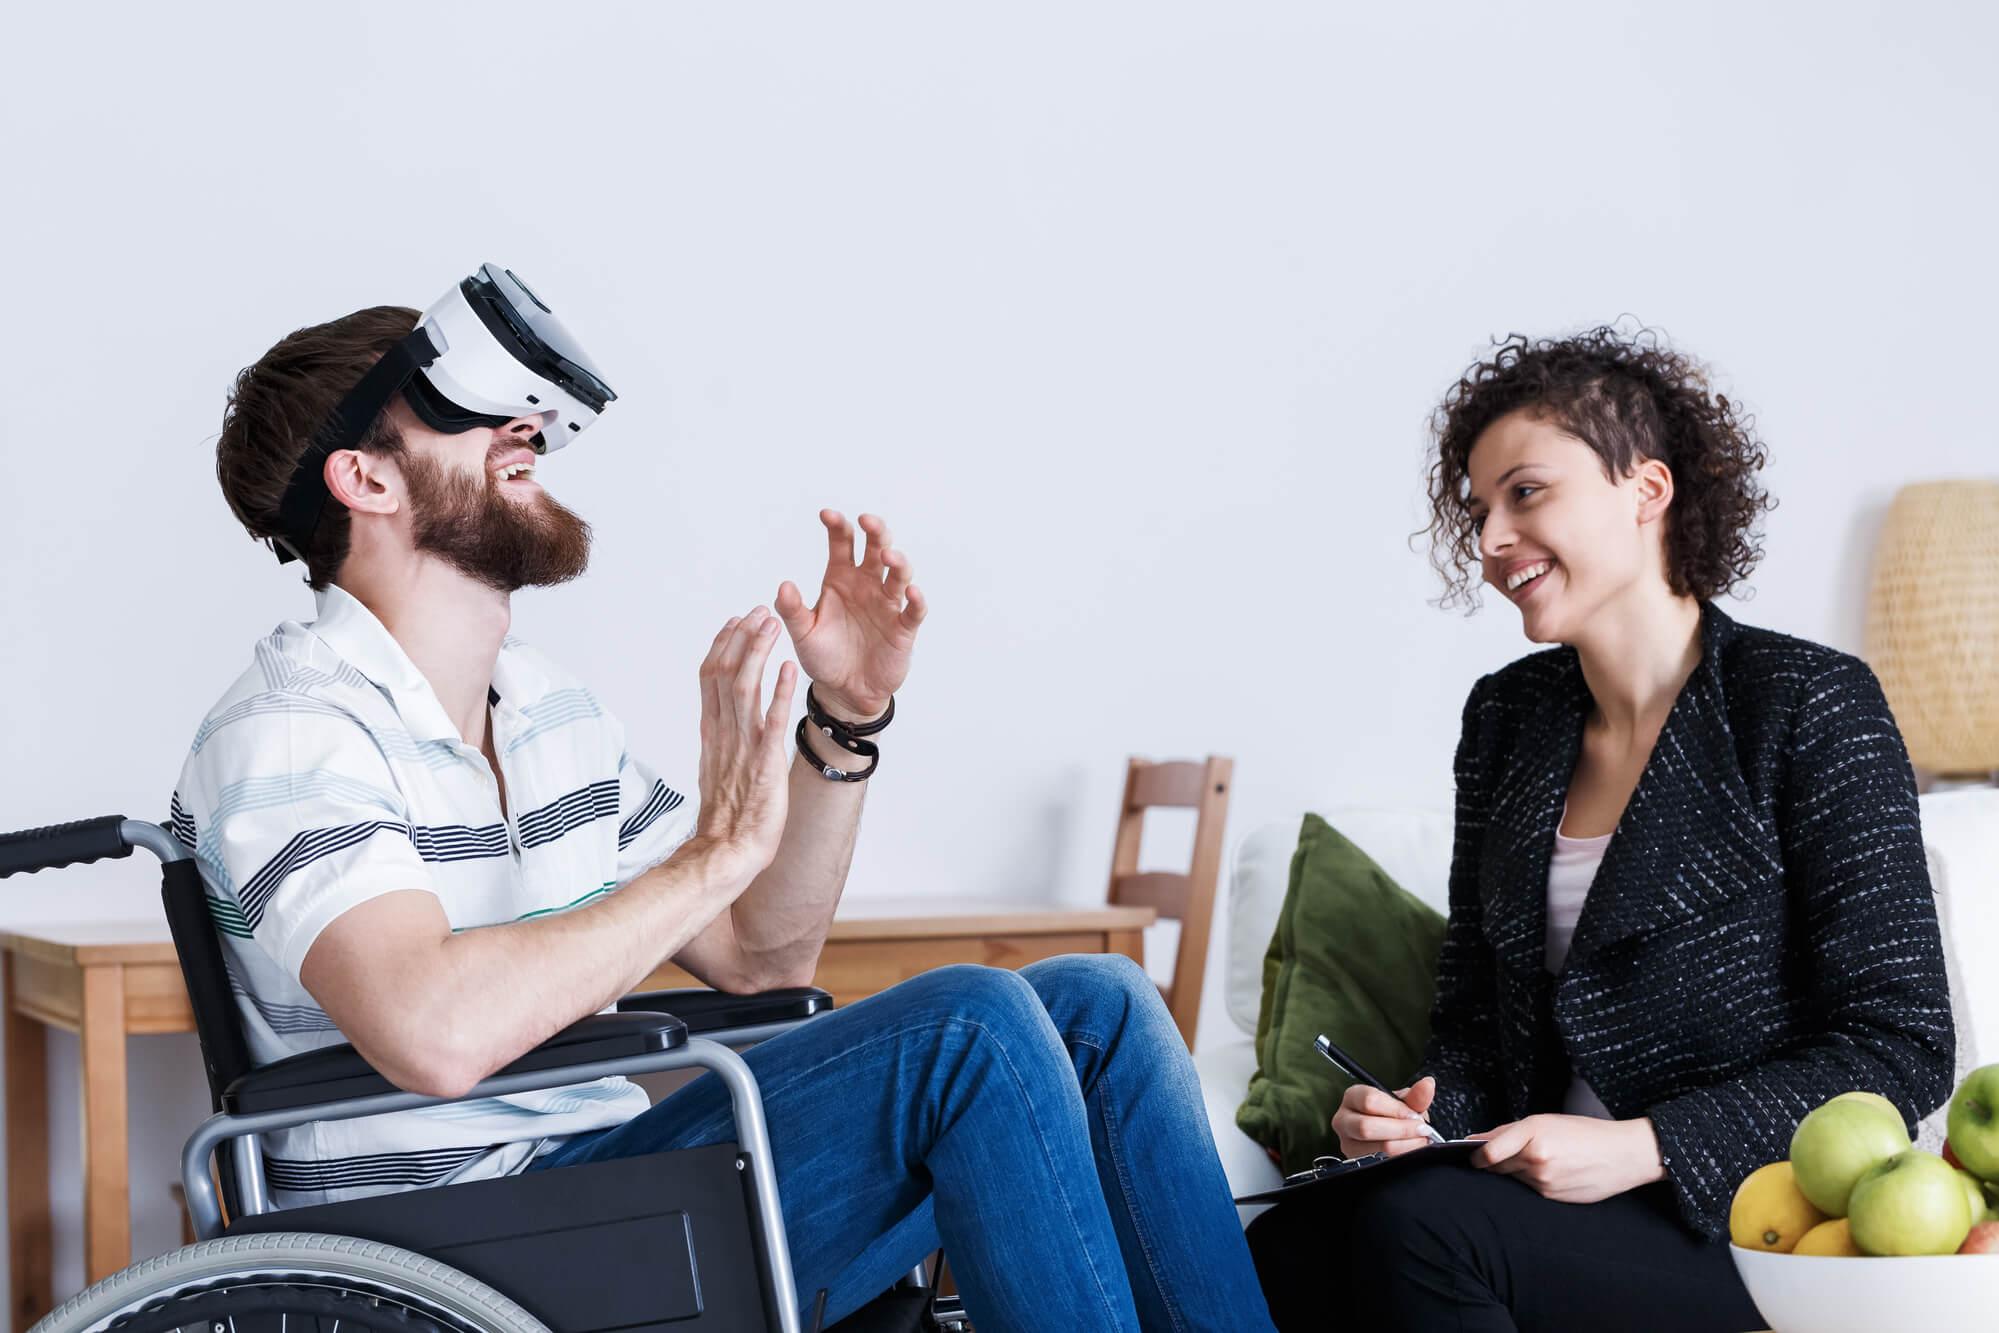 investimento-em-tecnologia-para-terapia-entenda-suas-vantagens.jpeg